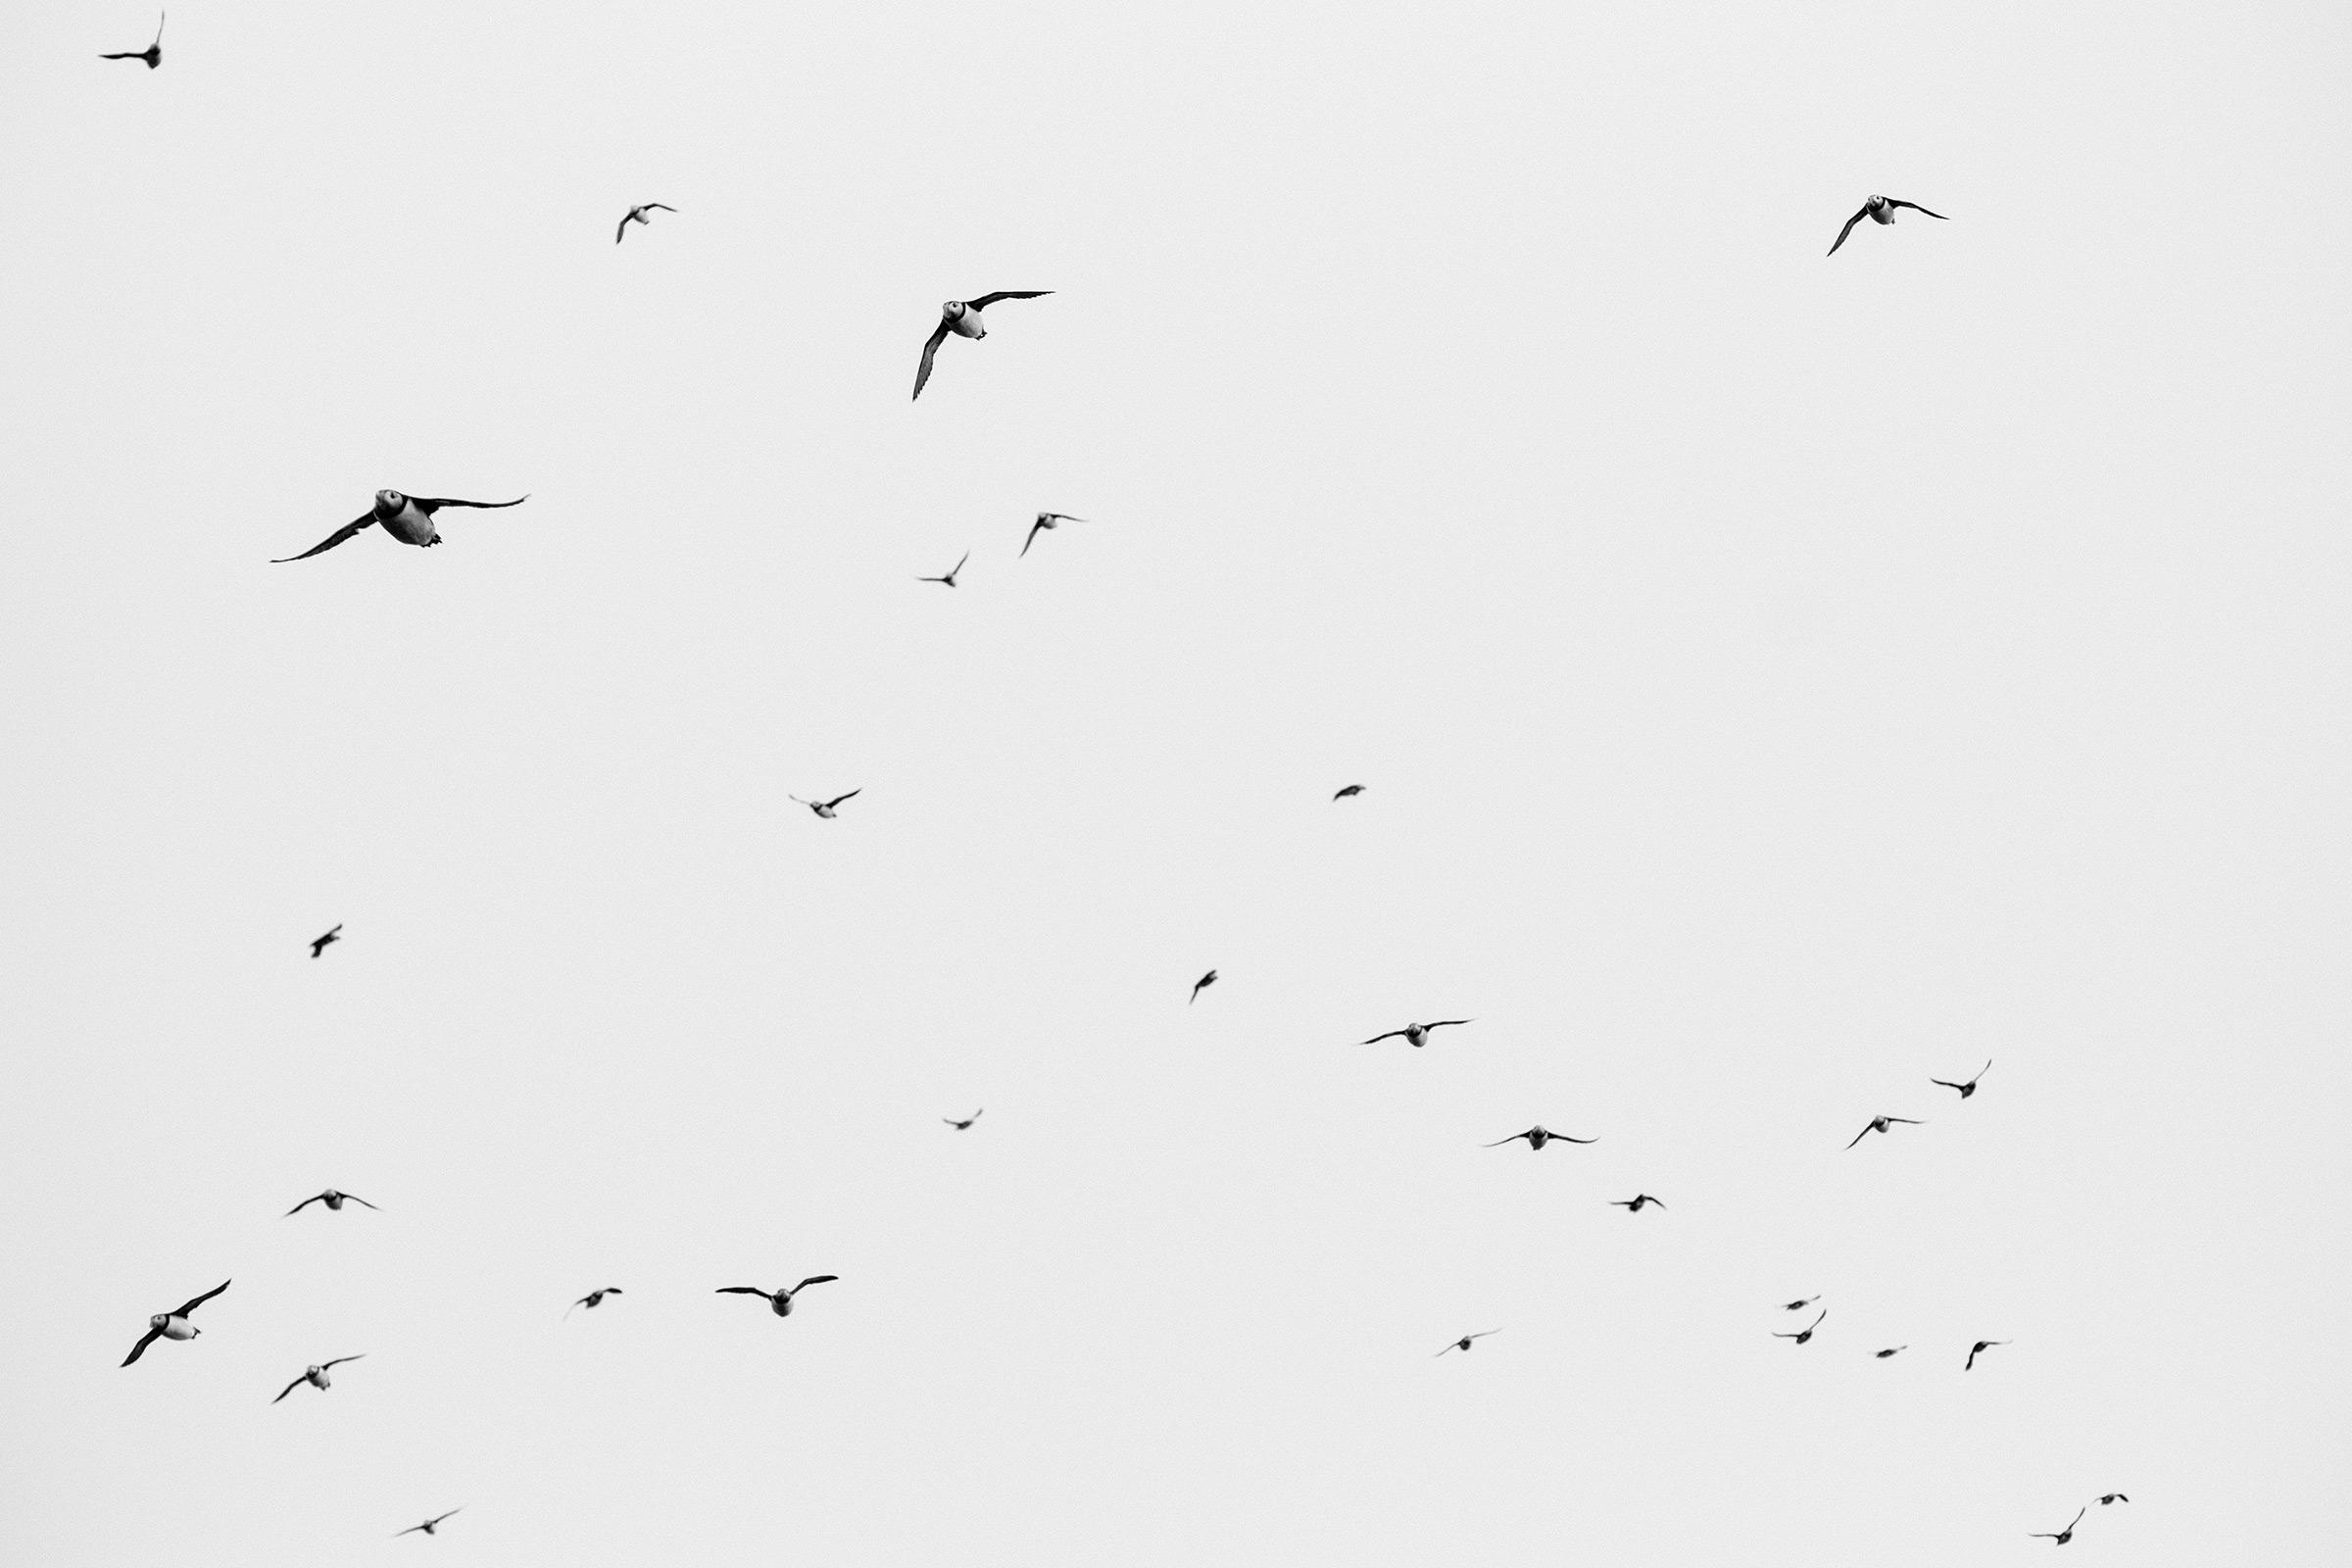 Papageitaucher, Färöer-Inseln, Foto: Martin Hülle